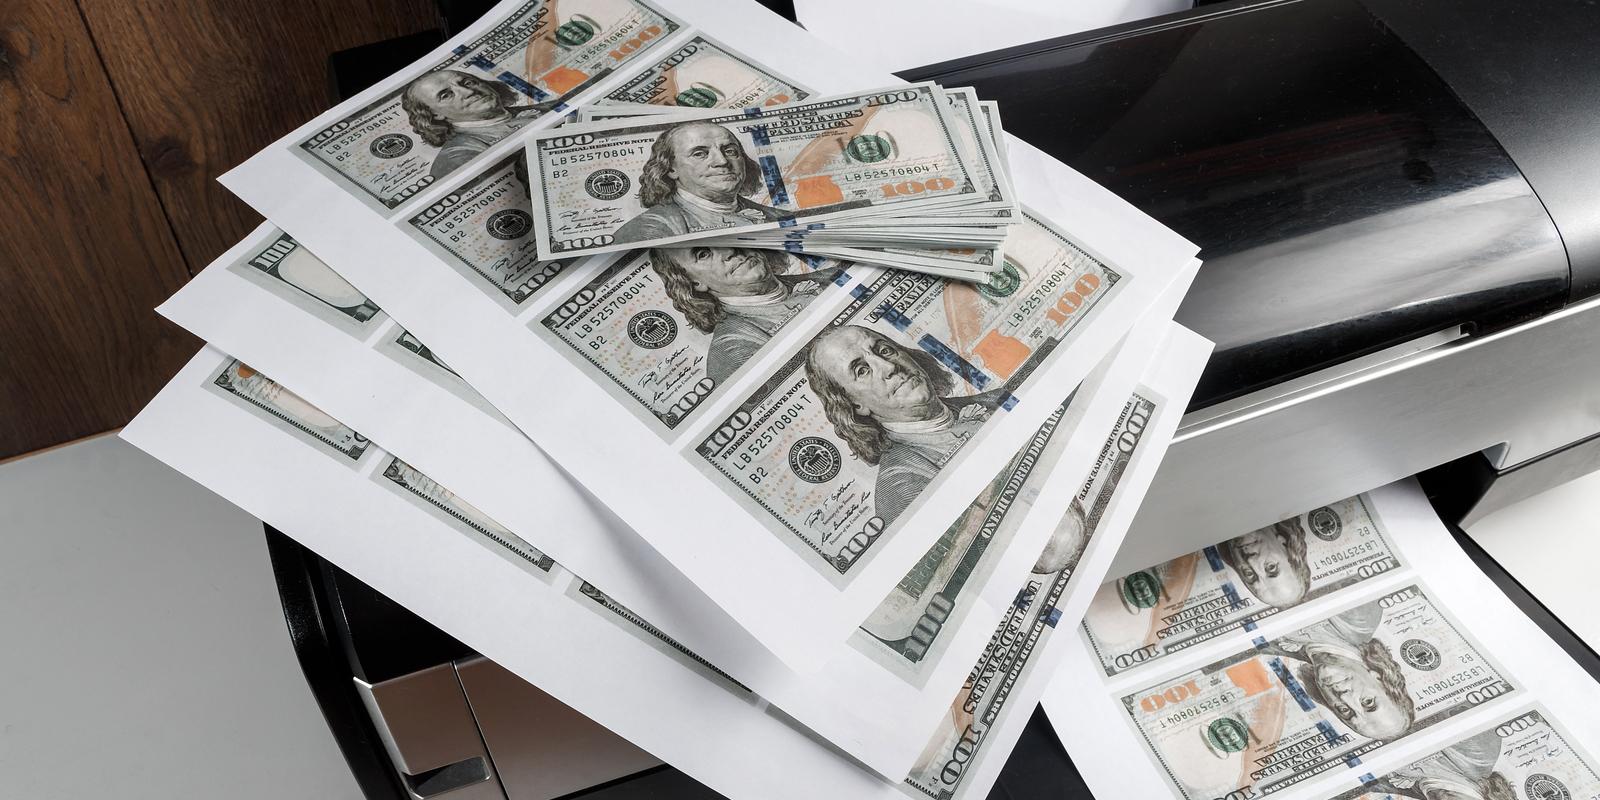 """Crypto seculariza la riqueza devolviendo el poder al pueblo """"ancho ="""" 1600 """"altura ="""" 800 """"srcset ="""" https://blackswanfinances.com/wp-content/uploads/2019/11/shutterstock_1136659445.jpg 1600w, https://news.bitcoin.com/wp-content/uploads/2019/11/ shutterstock_1136659445-300x150.jpg 300w, https://news.bitcoin.com/wp-content/uploads/2019/11/shutterstock_1136659445-768x384.jpg 768w, https://news.bitcoin.com/wp-content/uploads/ 2019/11 / shutterstock_1136659445-1024x512.jpg 1024w, https://news.bitcoin.com/wp-content/uploads/2019/11/shutterstock_1136659445-696x348.jpg 696w, https://news.bitcoin.com/wp- content / uploads / 2019/11 / shutterstock_1136659445-1392x696.jpg 1392w, https://news.bitcoin.com/wp-content/uploads/2019/11/shutterstock_1136659445-1068x534.jpg 1068w, https: //news.bitcoin. com / wp-content / uploads / 2019/11 / shutterstock_1136659445-840x420.jpg 840w """"tamaños ="""" (ancho máximo: 1600 px) 100vw, 1600 px"""